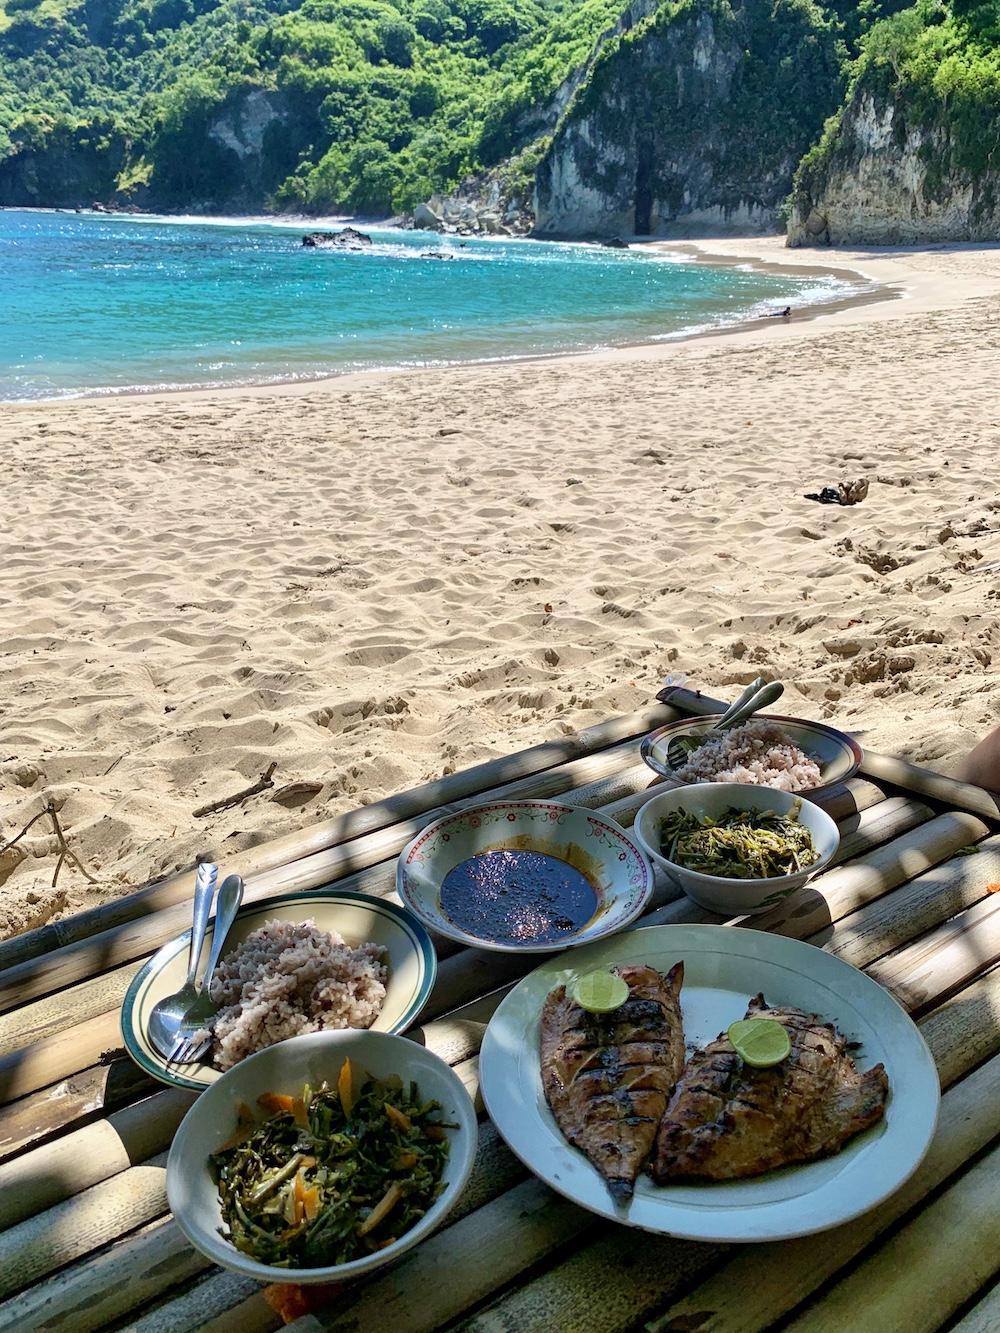 koka-beach-flores-sehenswuerdigkeiten-essen-am-strand